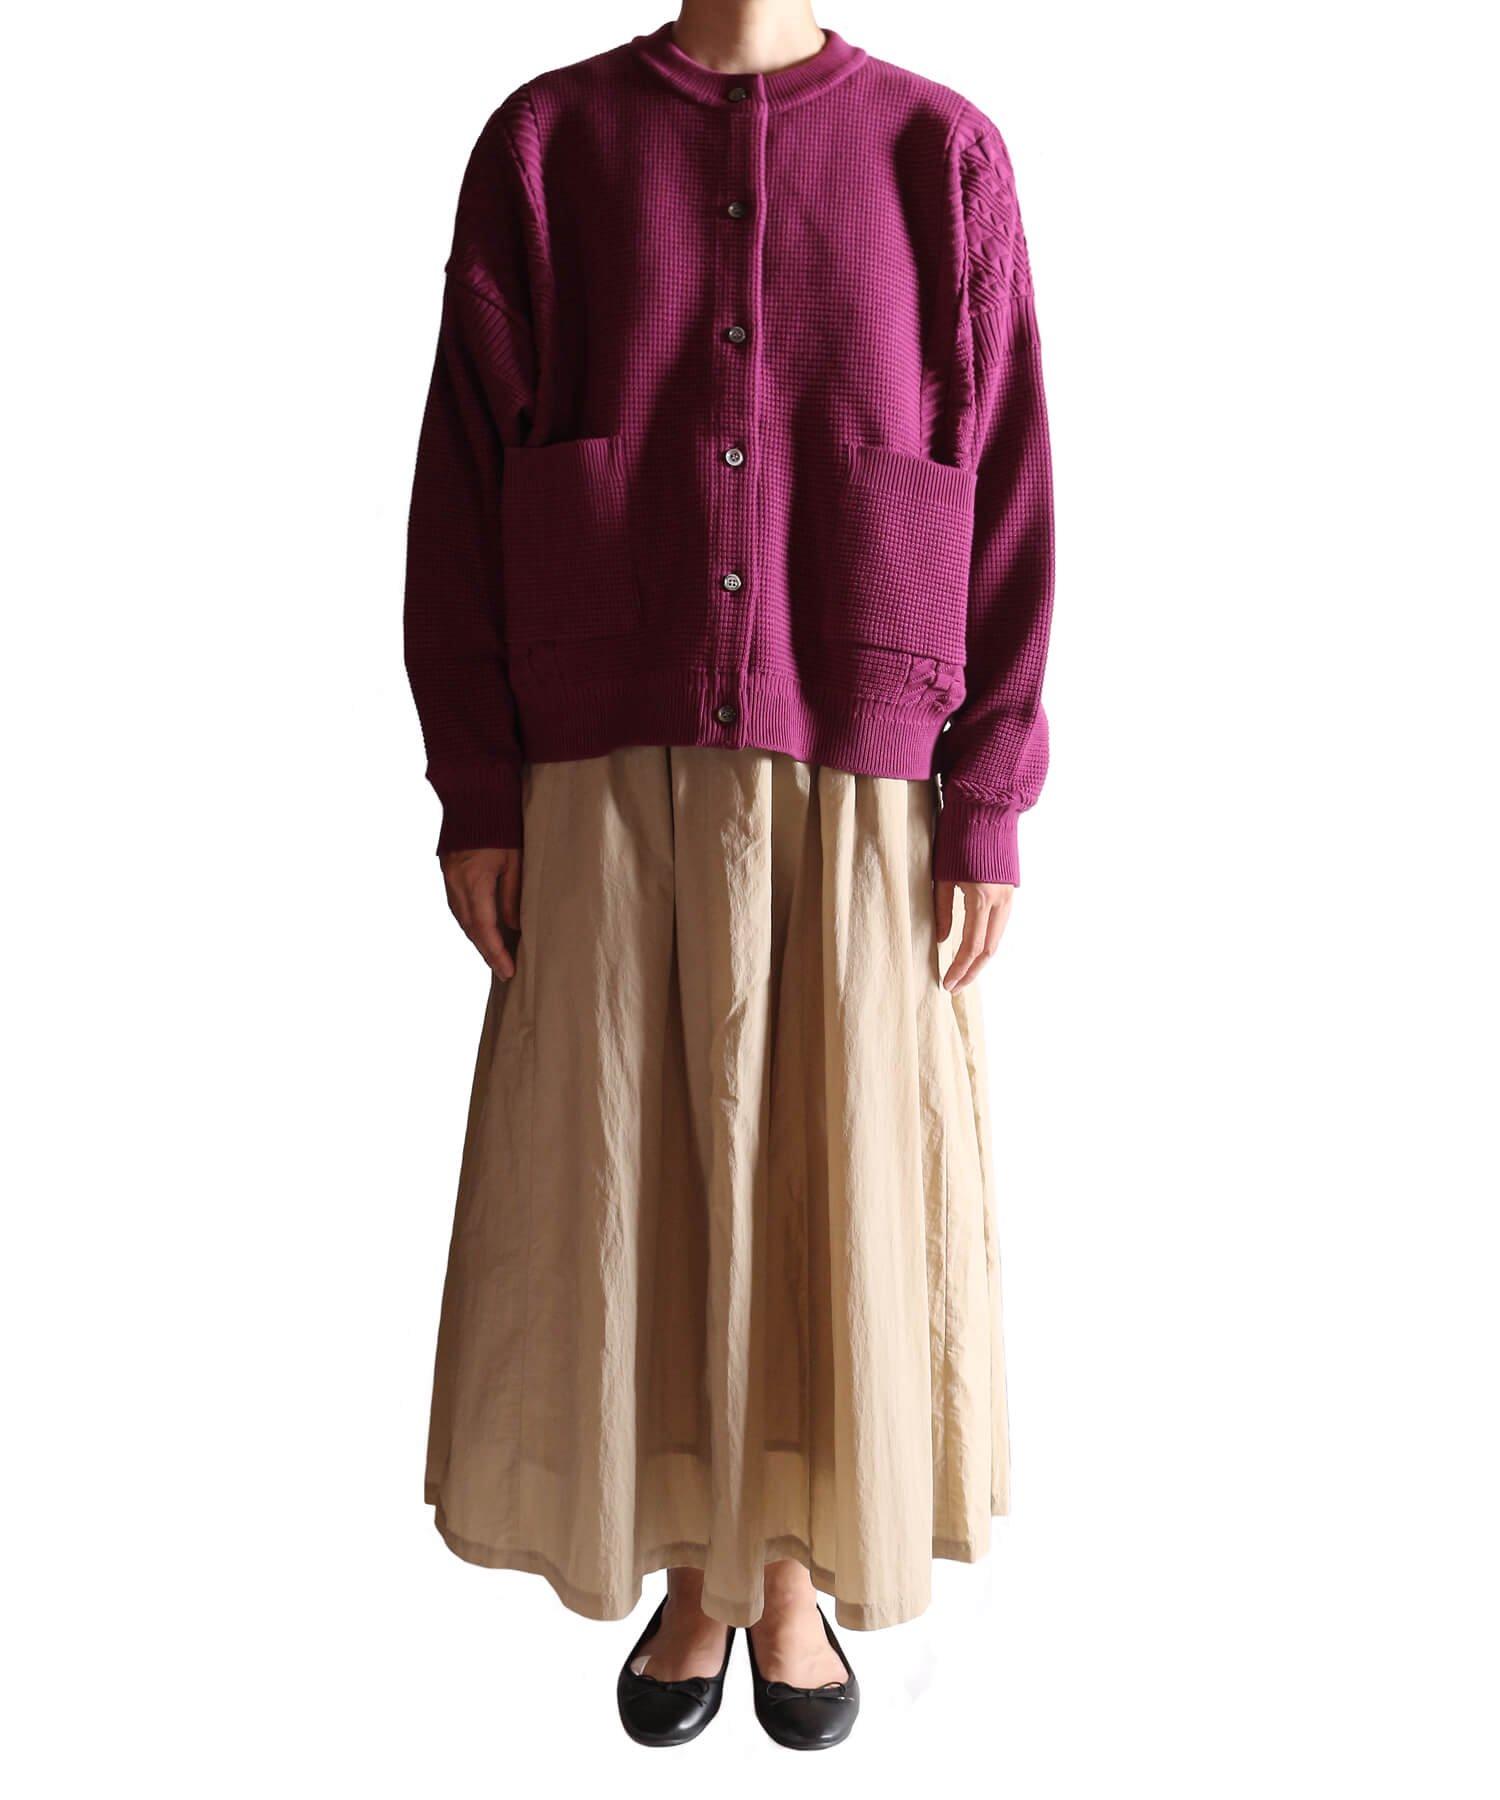 YASHIKI / ヤシキ  YASHIKI / ヤシキ × SIDEMILITIA inc. / サイドミリティア  SHIGURE CARDIGAN (LIMITED PURPLE/WOMEN'S) 商品画像16